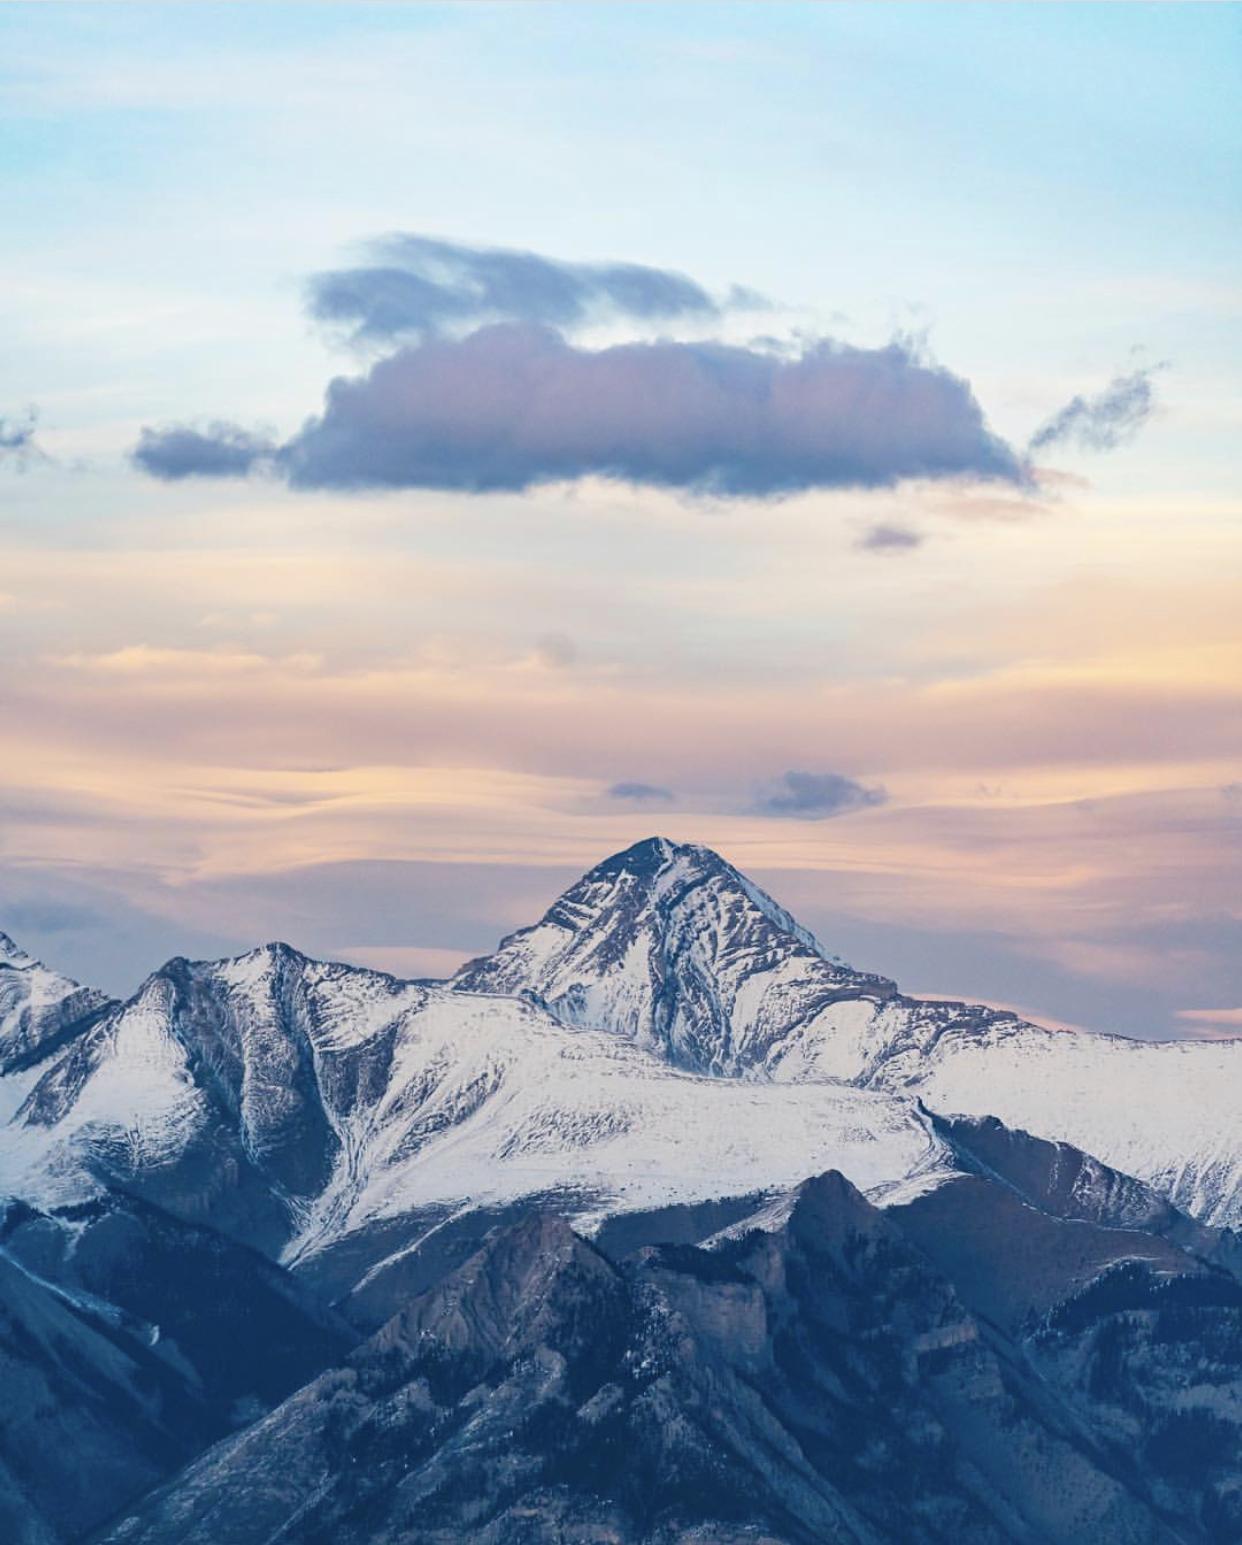 Sulfur Mountain, Alberta